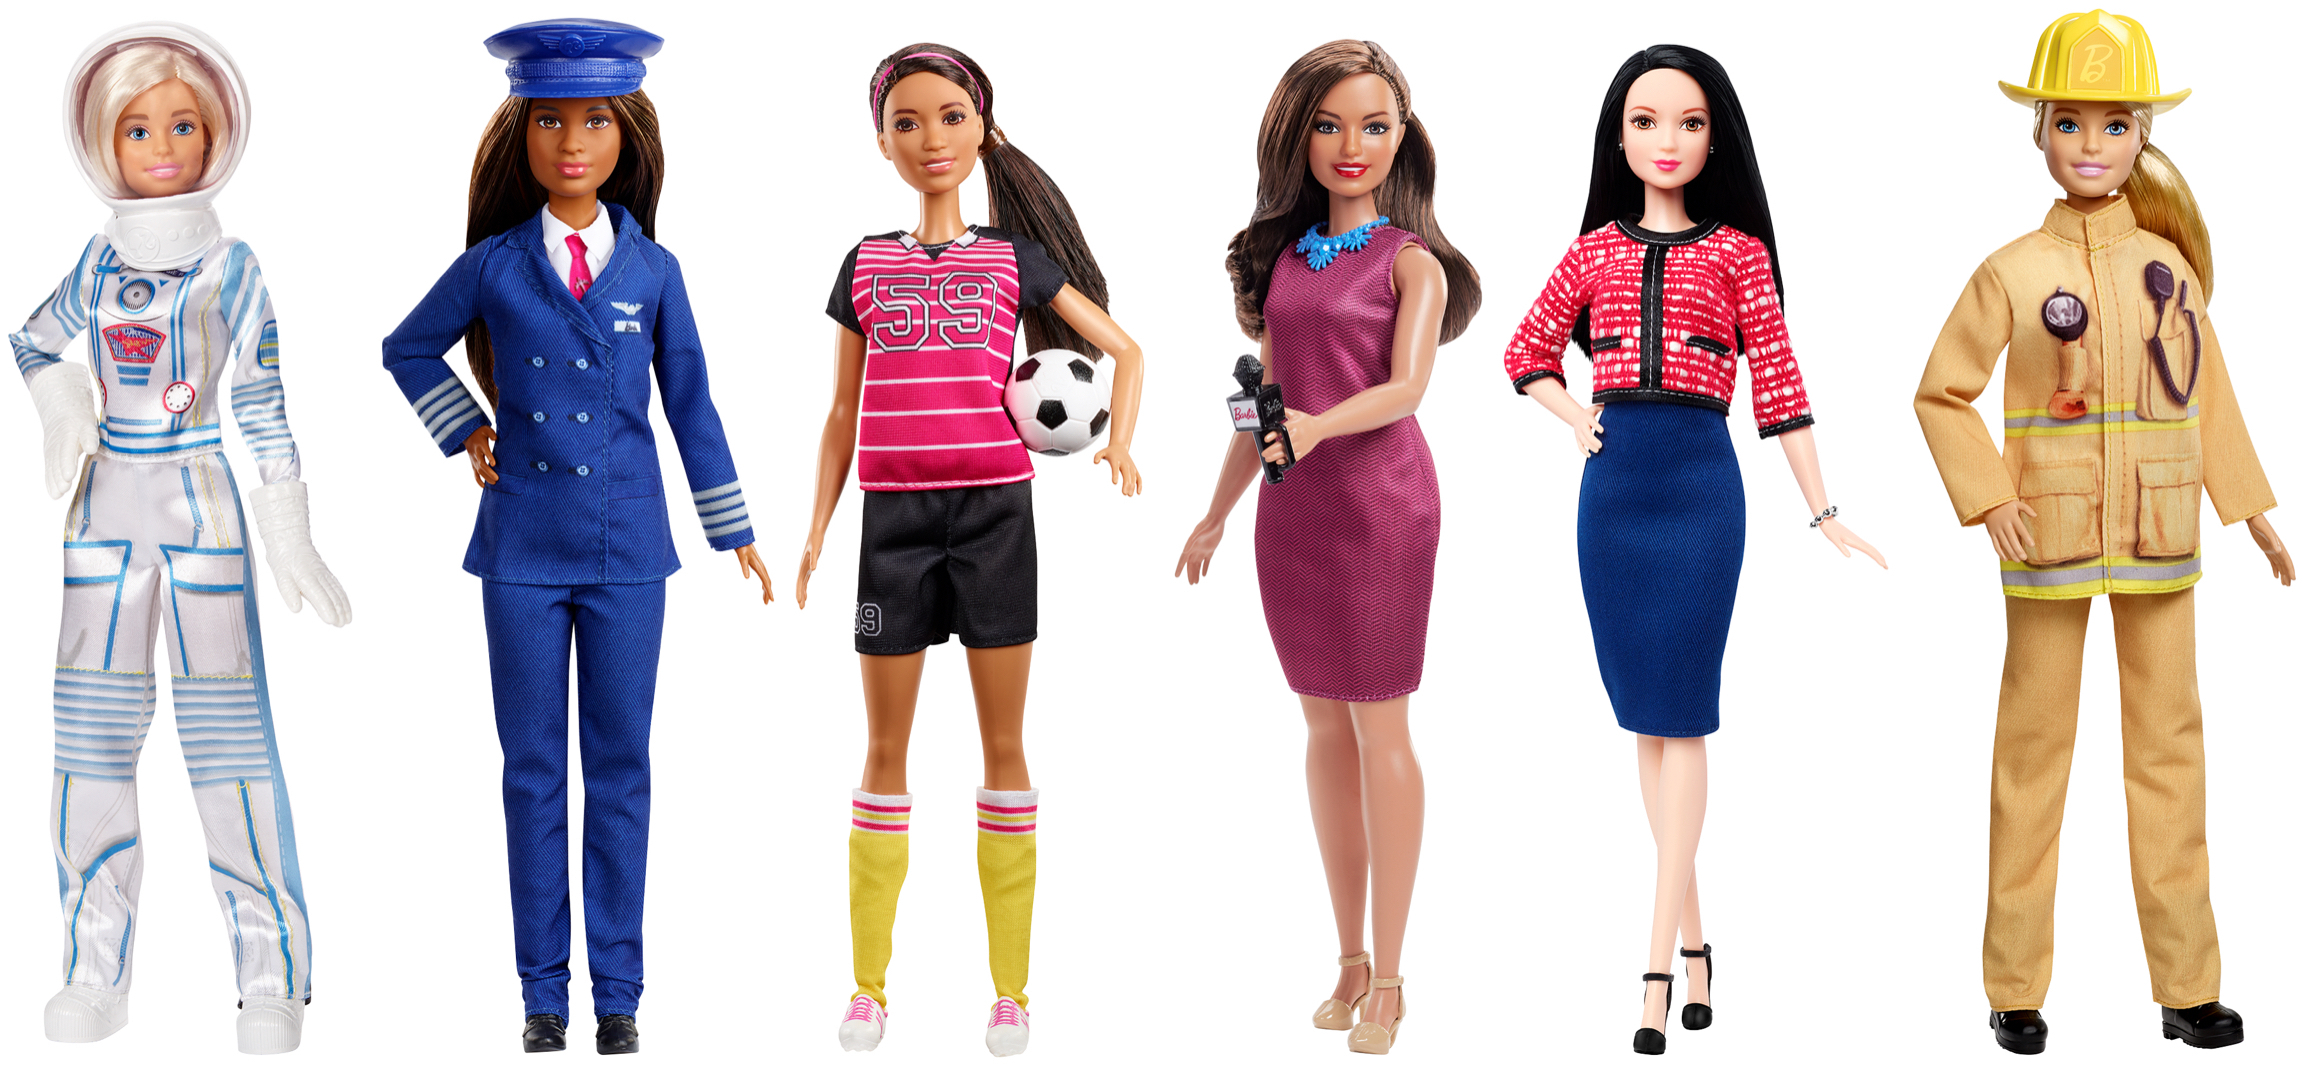 2019_BarbieCareer_60thAnnivAsstmt2.jpg